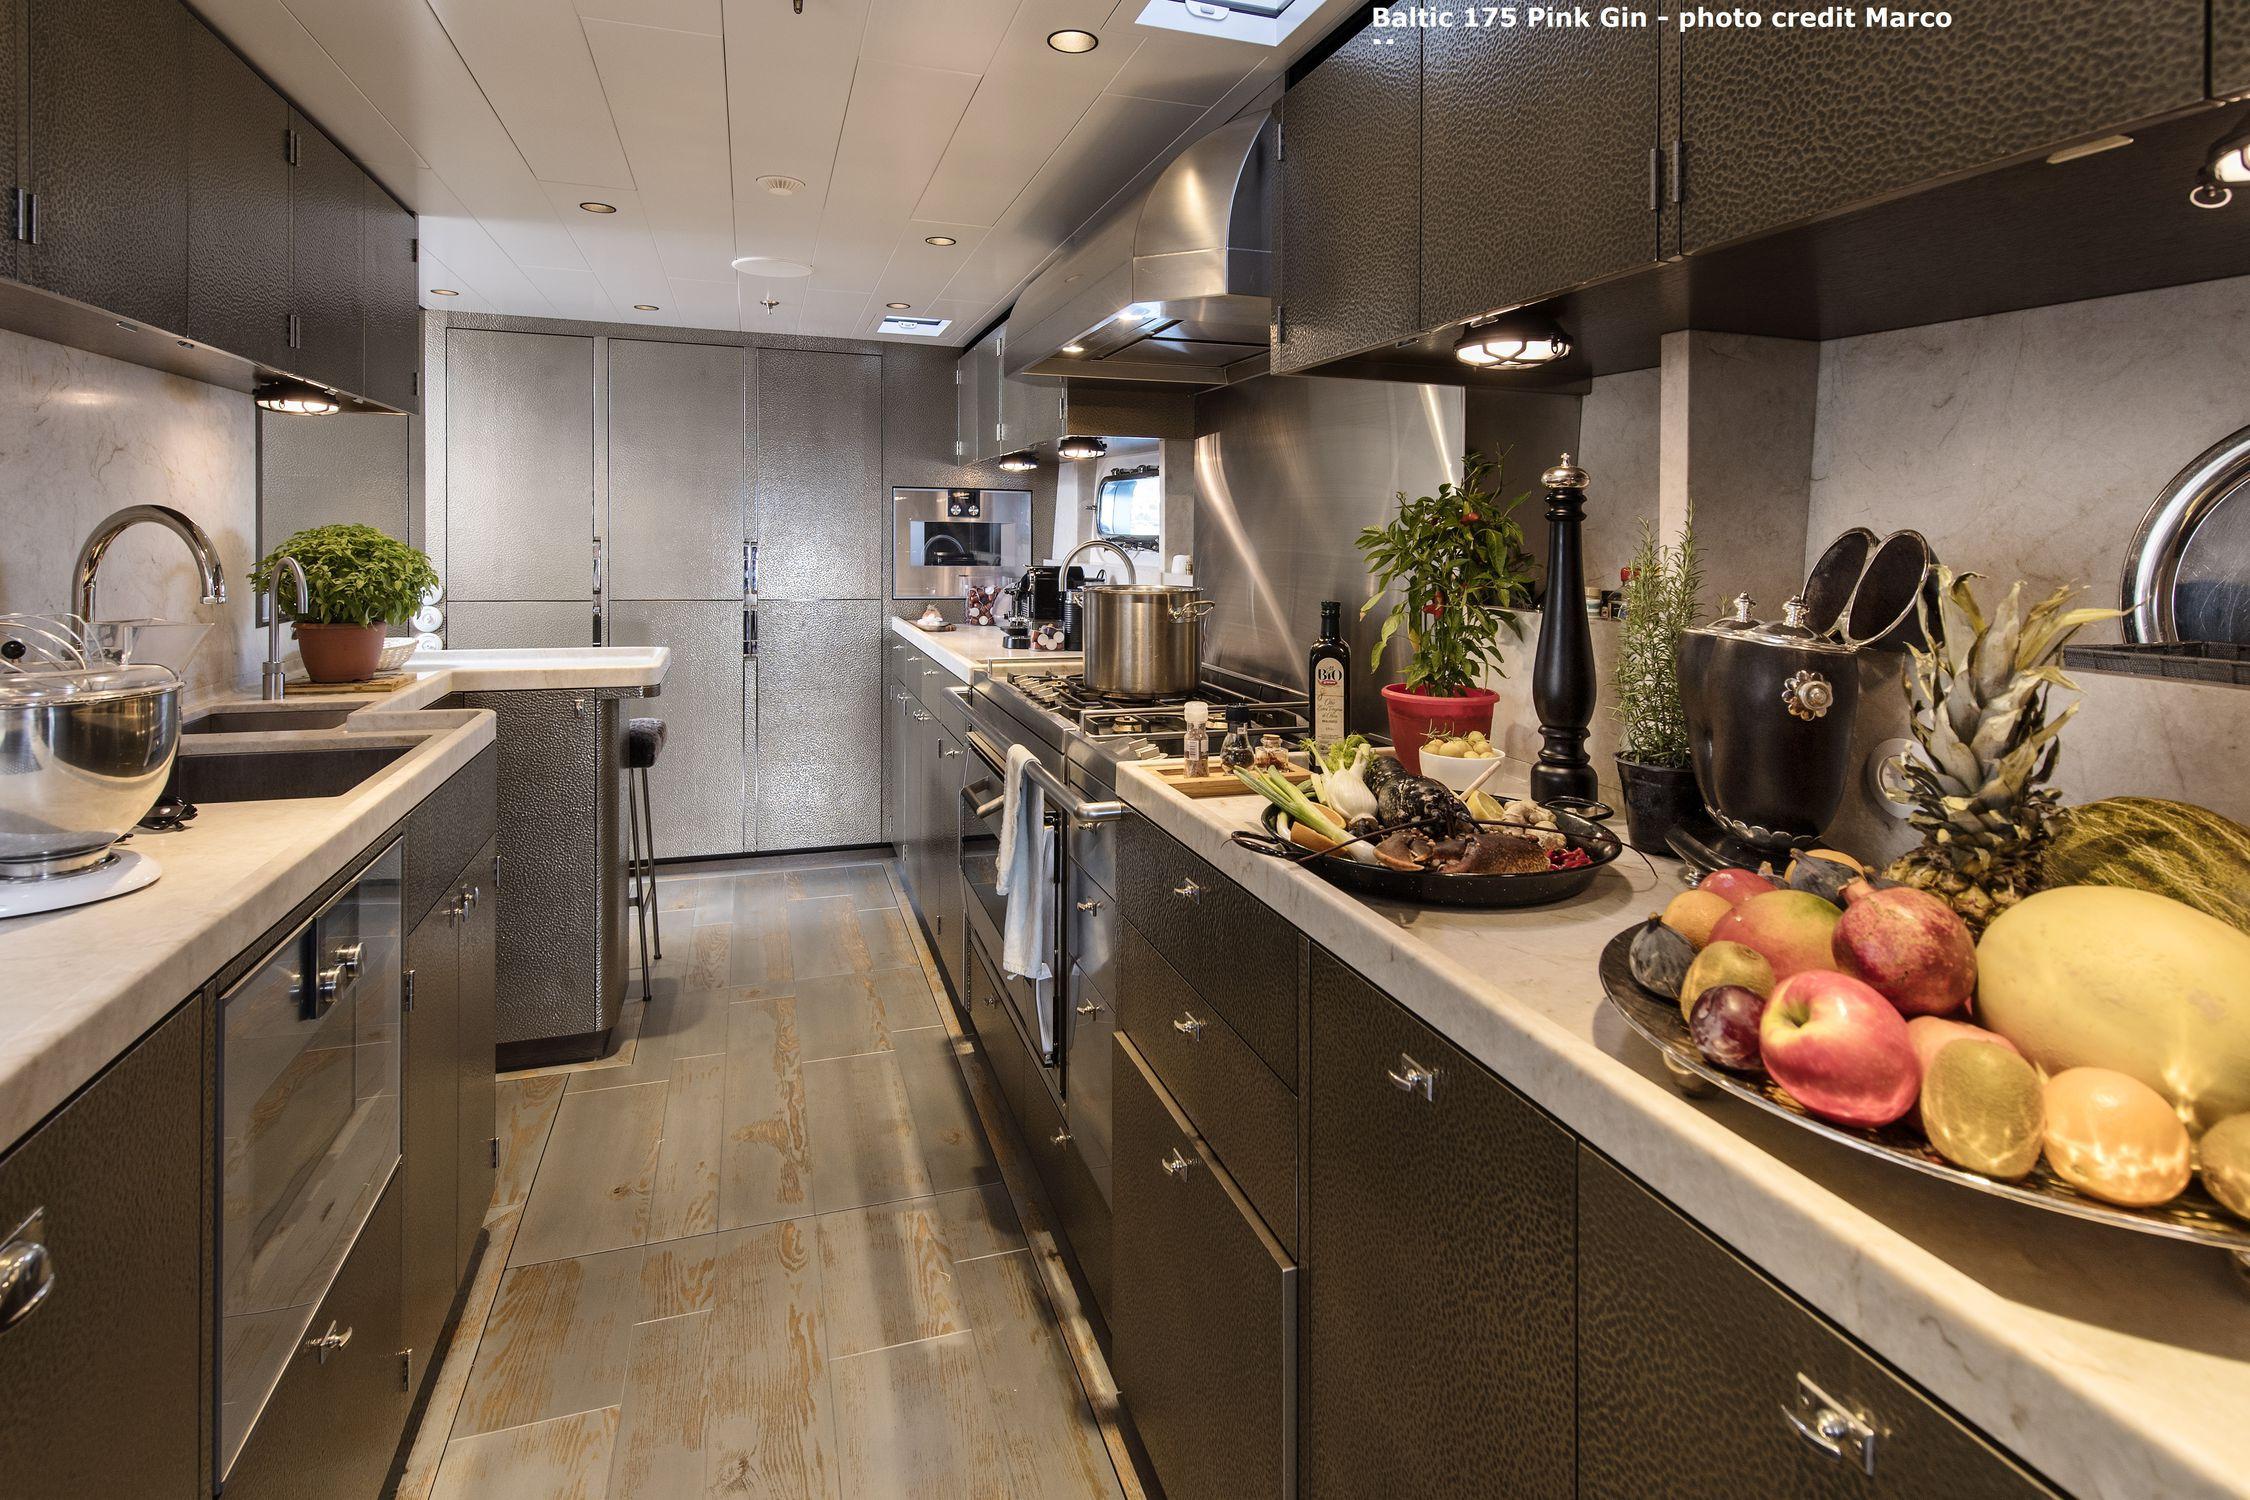 Kühlschrank Schublade : Kühlschrank für yachten edelstahl kompressor mit schublade